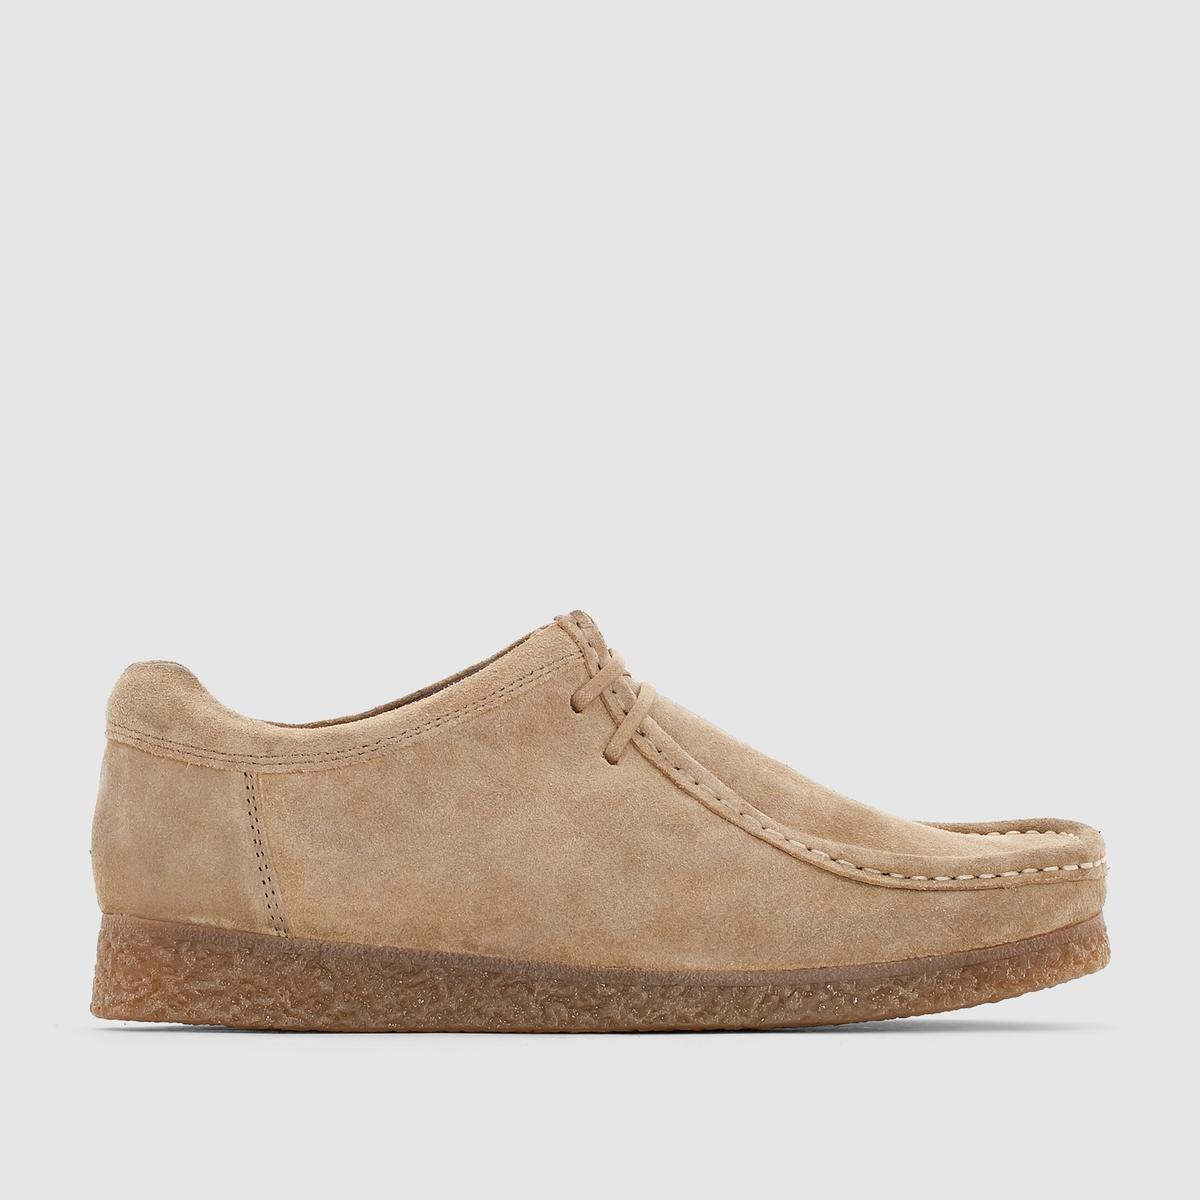 Ботинки-дерби кожаные BASE LONDON GENESISПреимущества : ботинки-дерби BASE LONDON в стиле мокасин на шнуровке. Очень элегантная и мягкая замша.<br><br>Цвет: серо-коричневый<br>Размер: 43